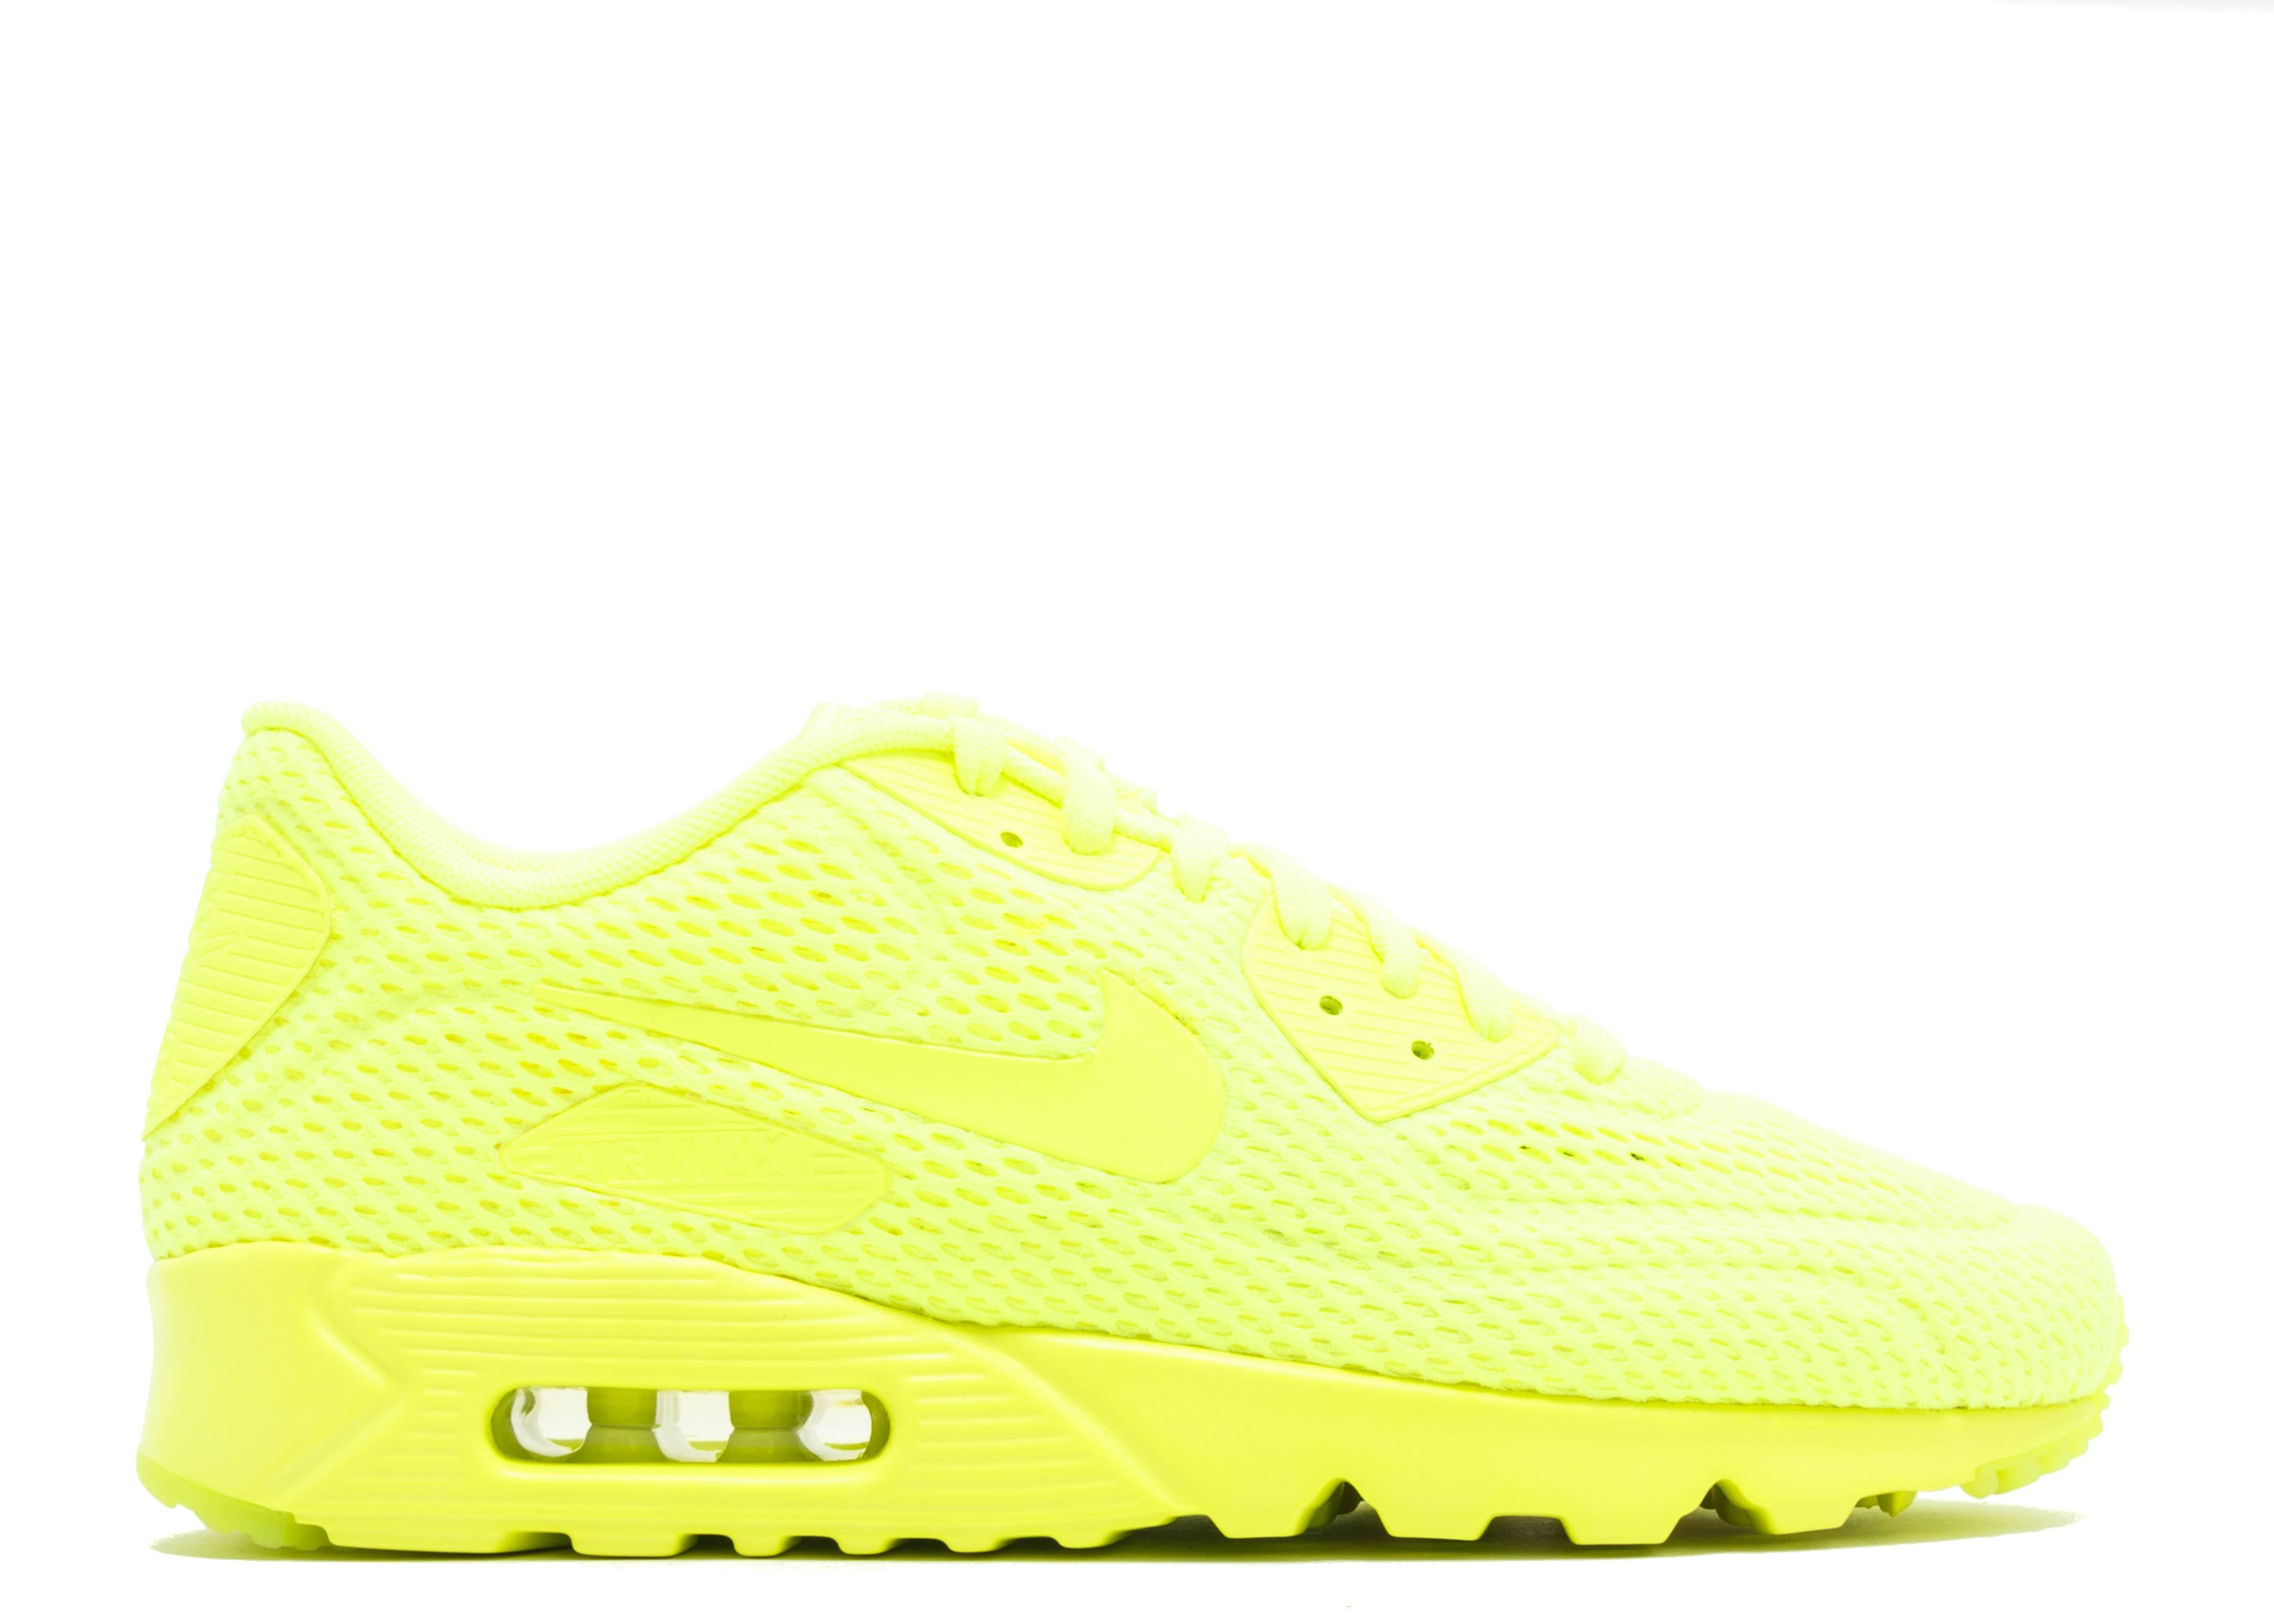 Air Max 90 Ultra Br Nike 725222 700 voltvolt volt